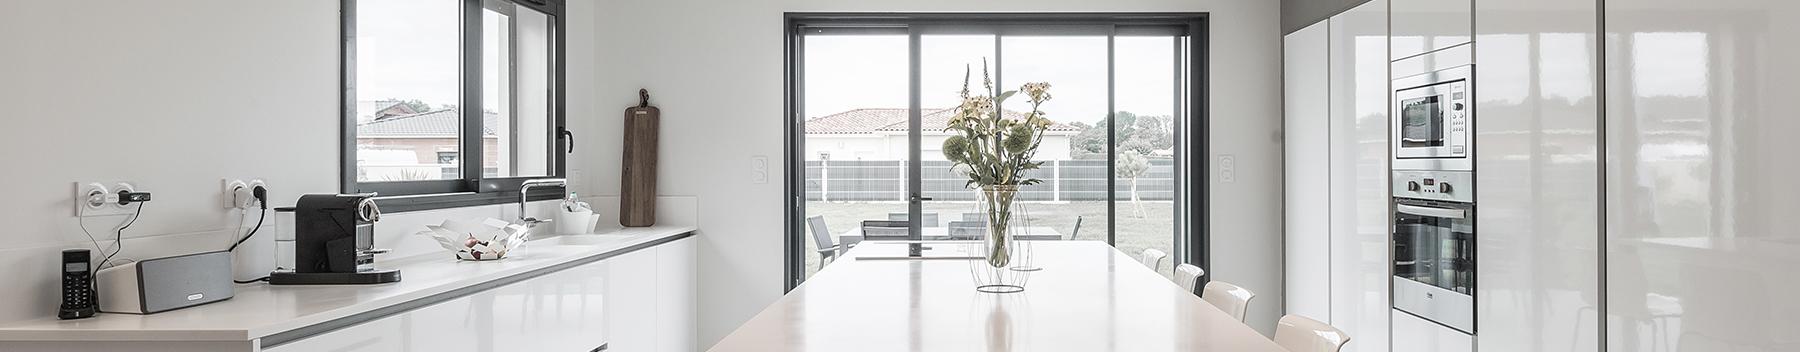 Découvrez toutes les maisons neuves construites Mètre Carré Bordeaux / Agen et Toulouse